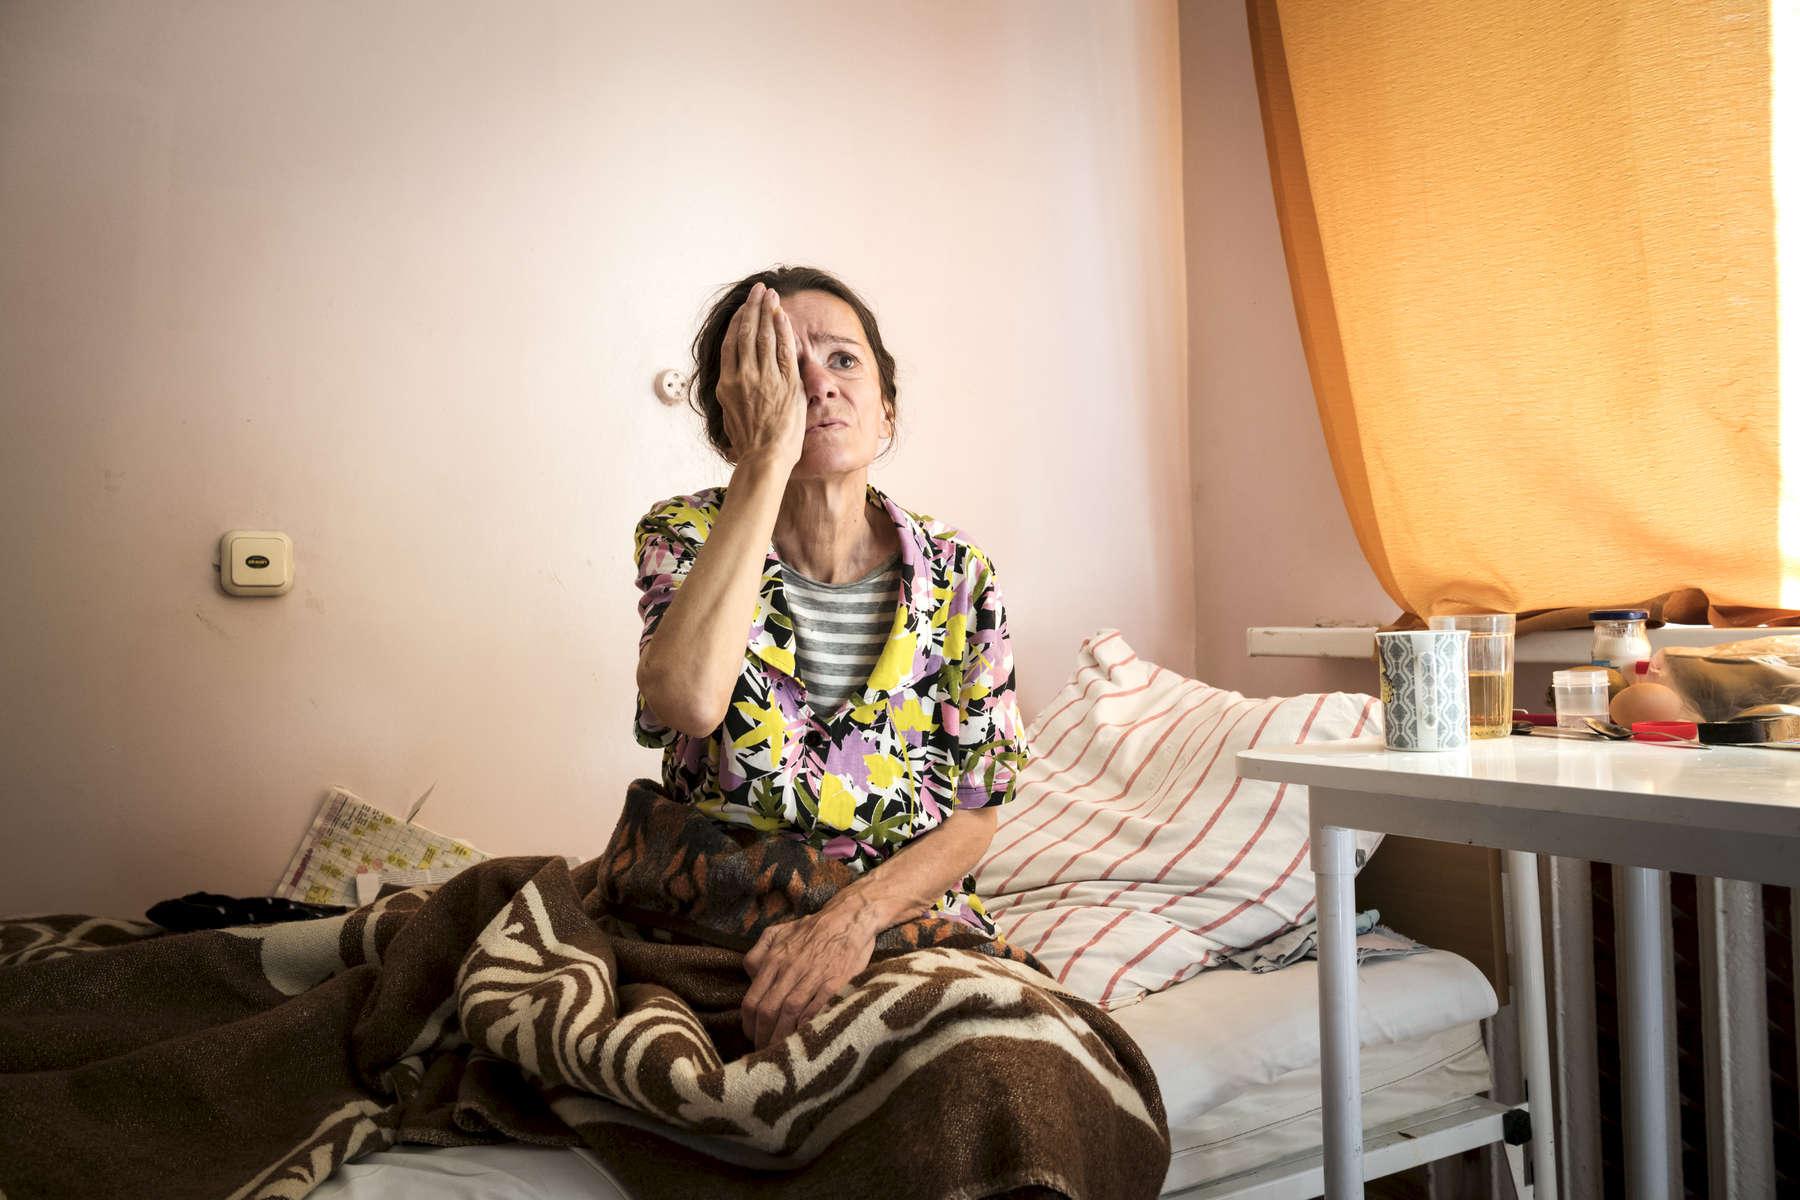 Ludmila pendant un test de performances pratiqué une fois par mois. Institut Républicain de la TB, Minsk, Bielorussie, 2018